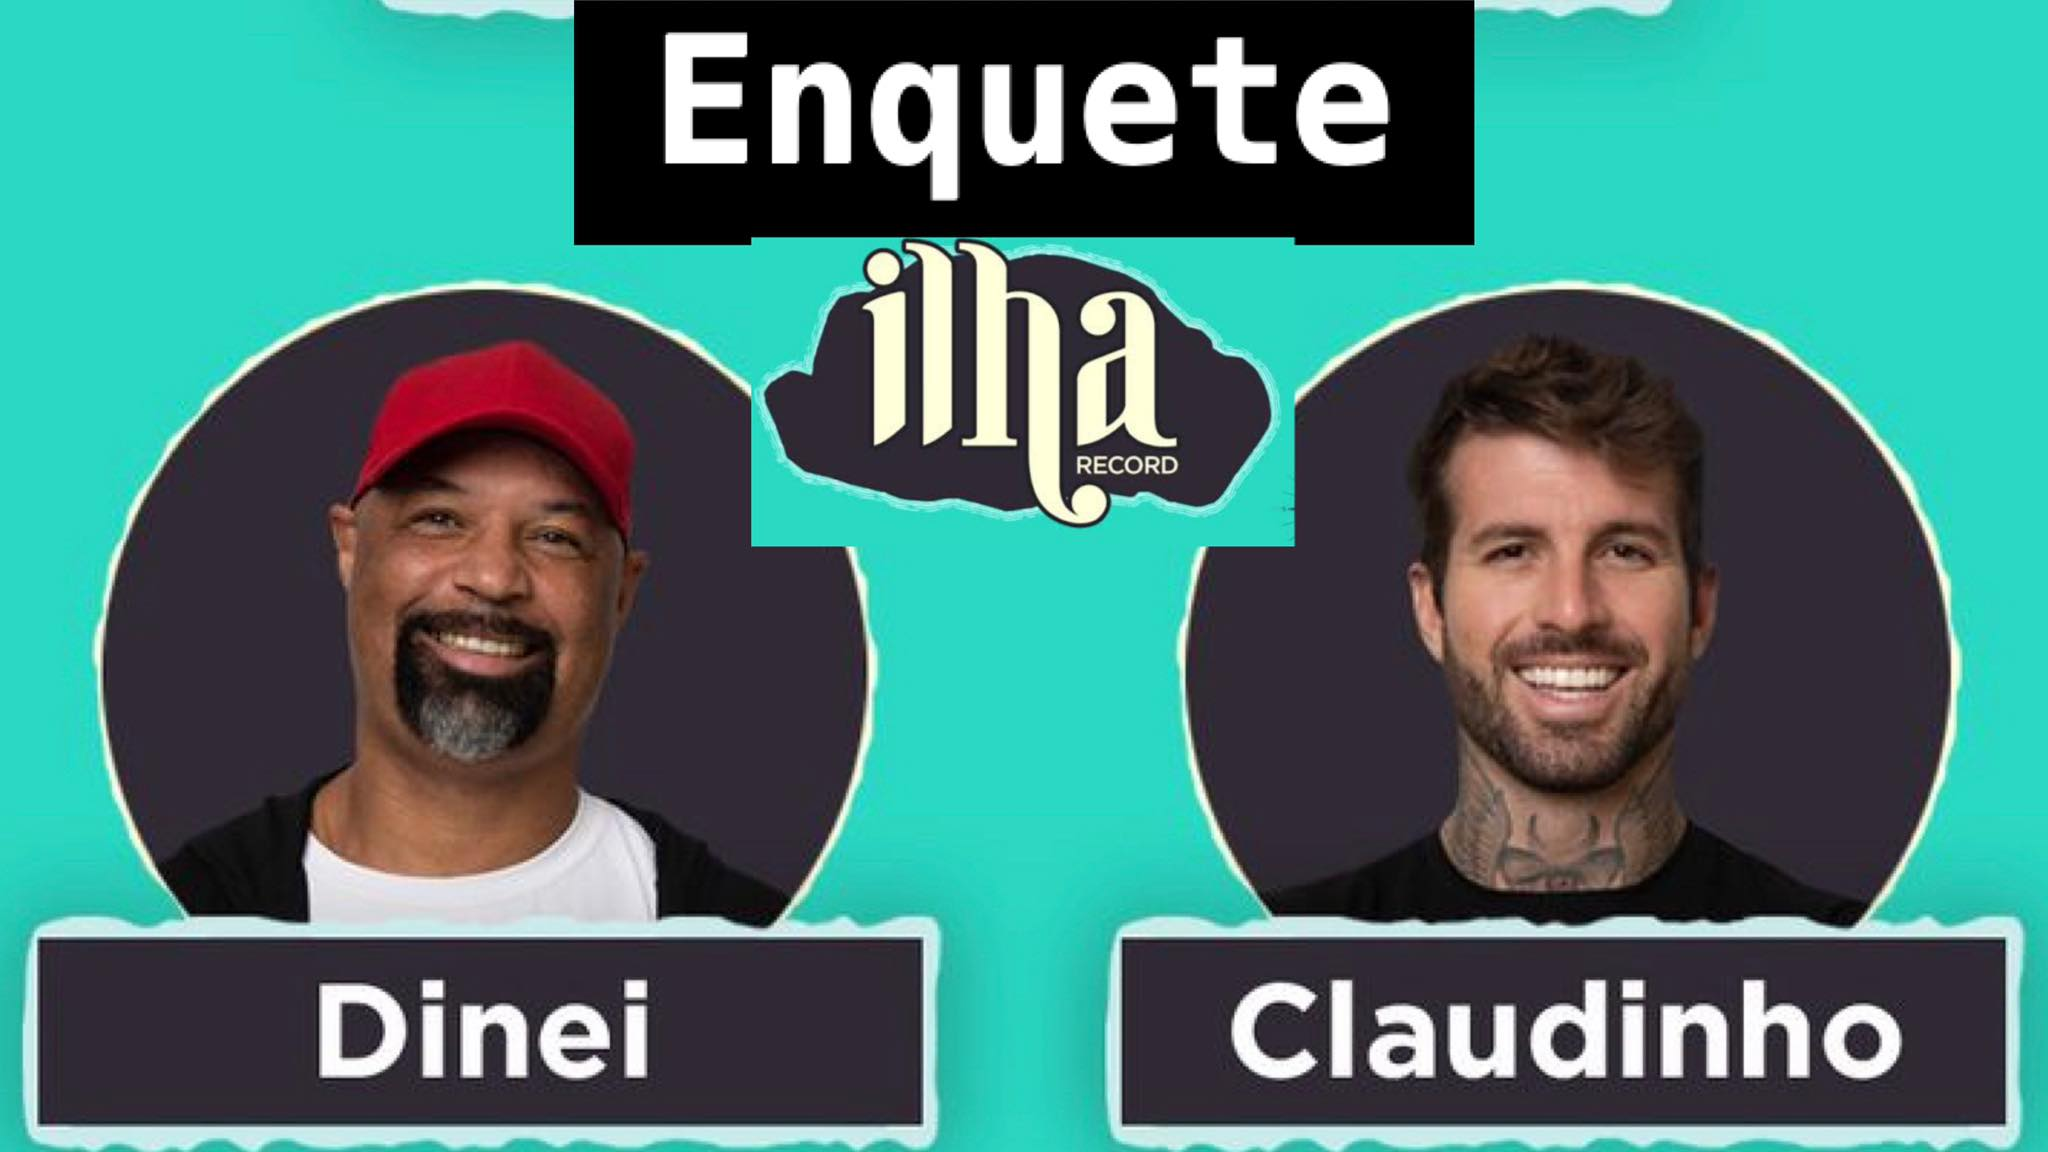 Enquete Ilha Record: Qual jogador deve ser mandado para o Exilio? Fonte: Montagem/Fashion Bubbles